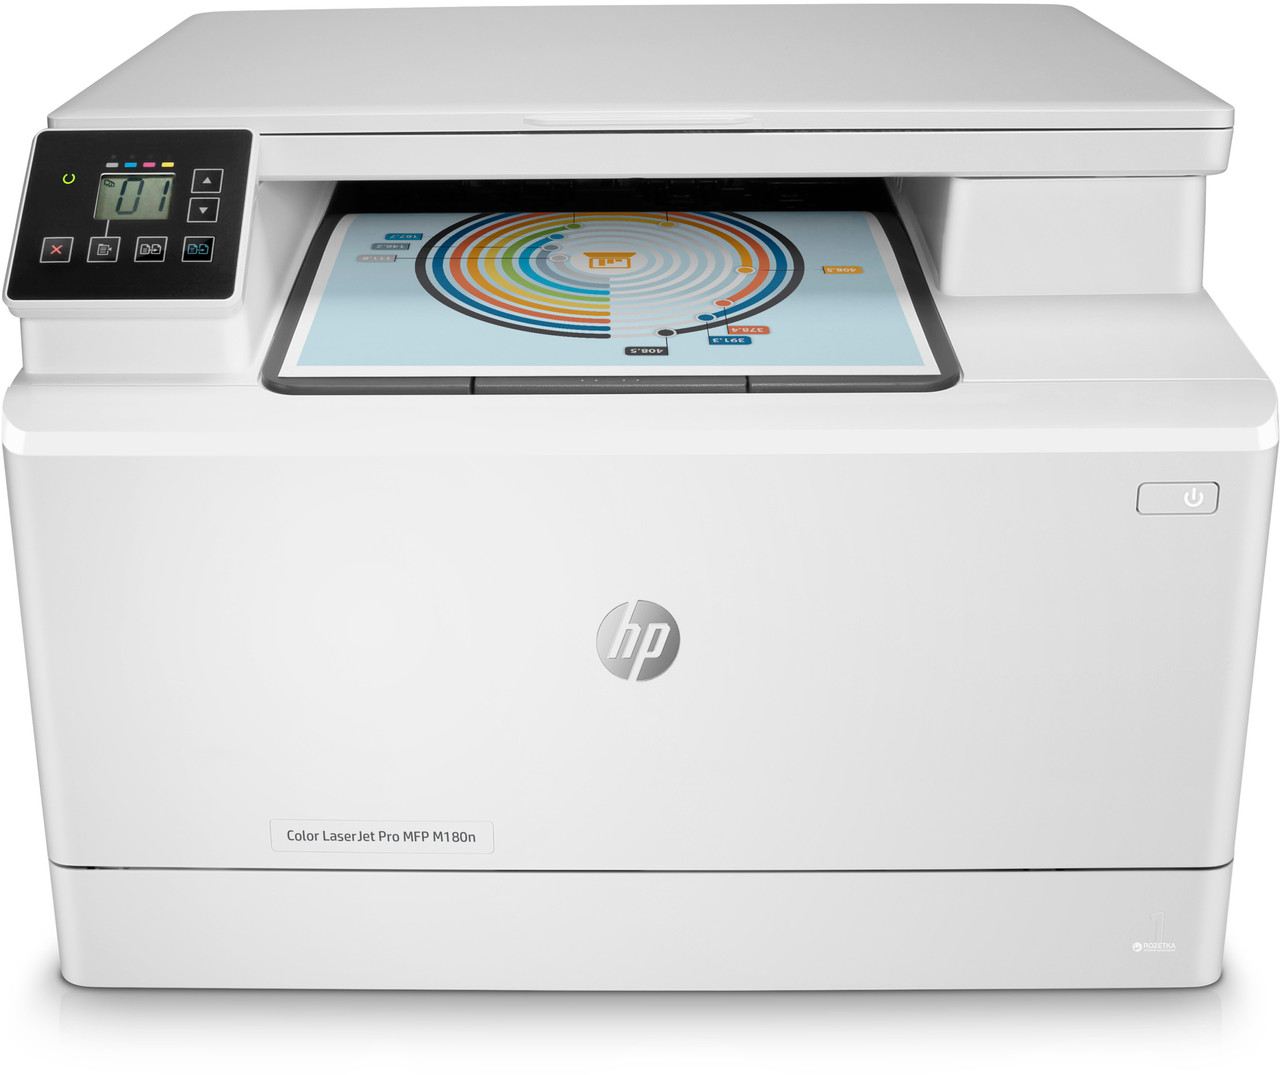 МФП HP Europe Color LaserJet Pro M180n T6B70A#B19